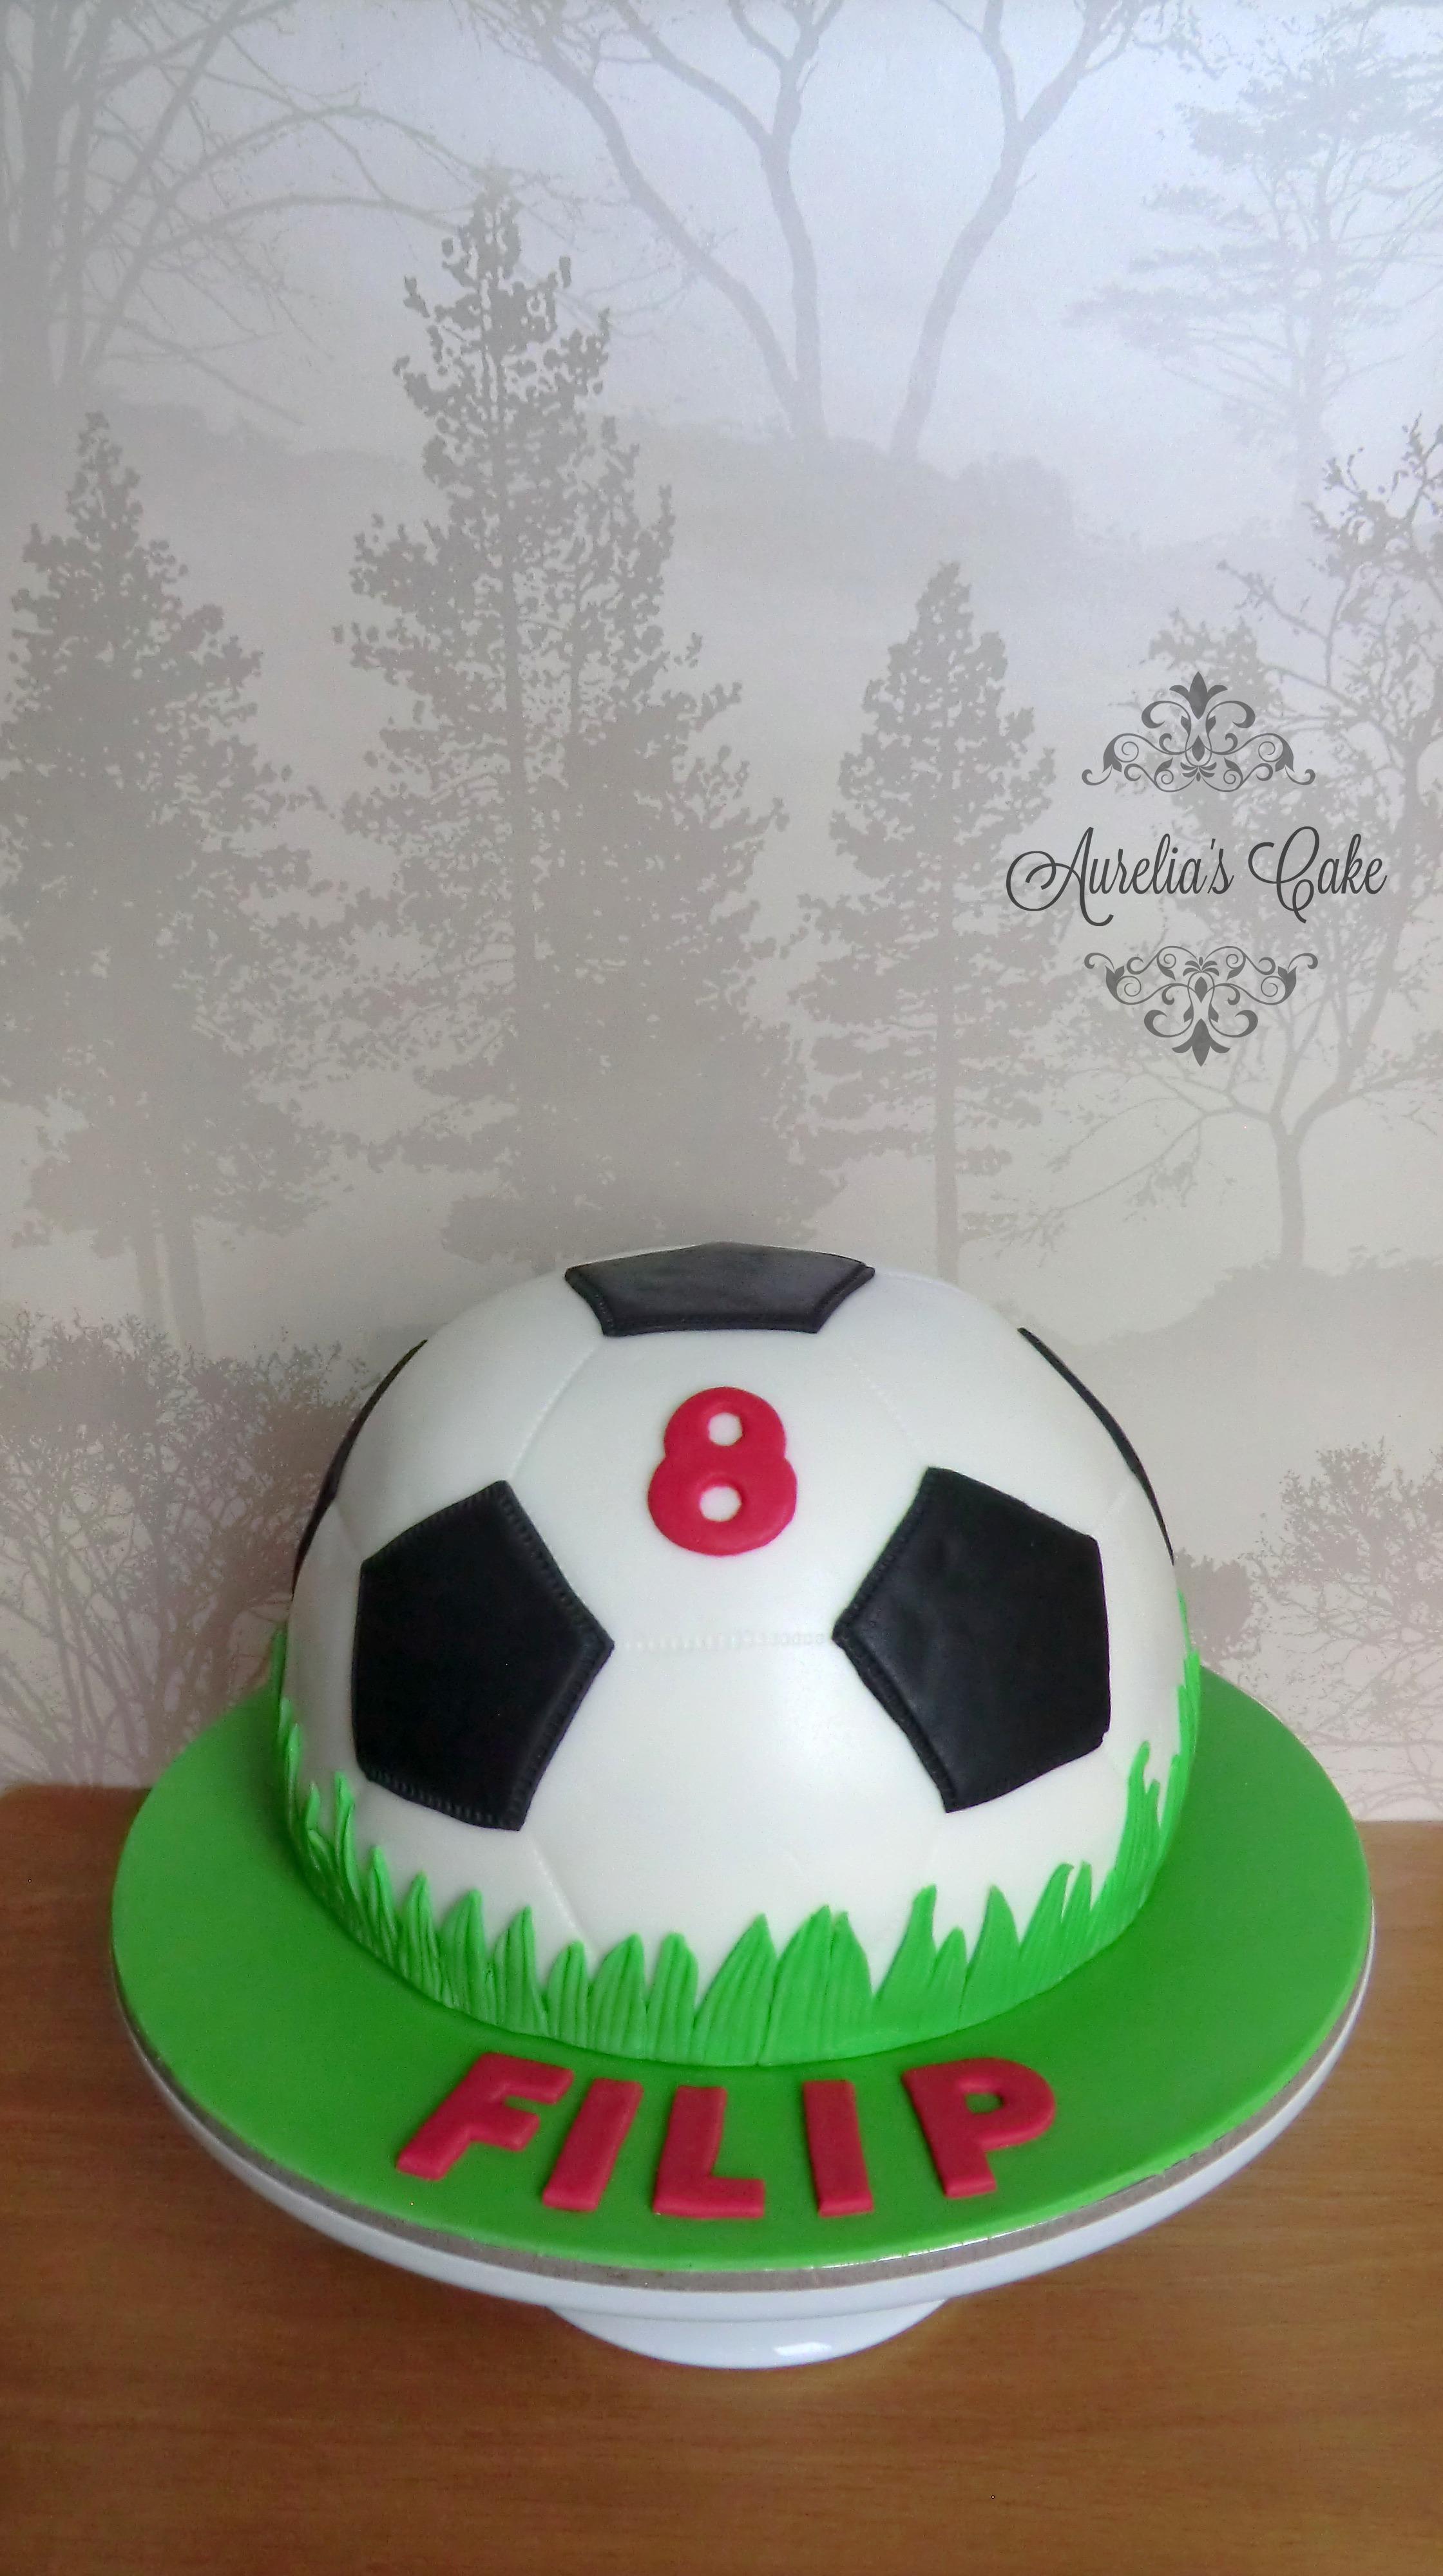 Socker ball cake.